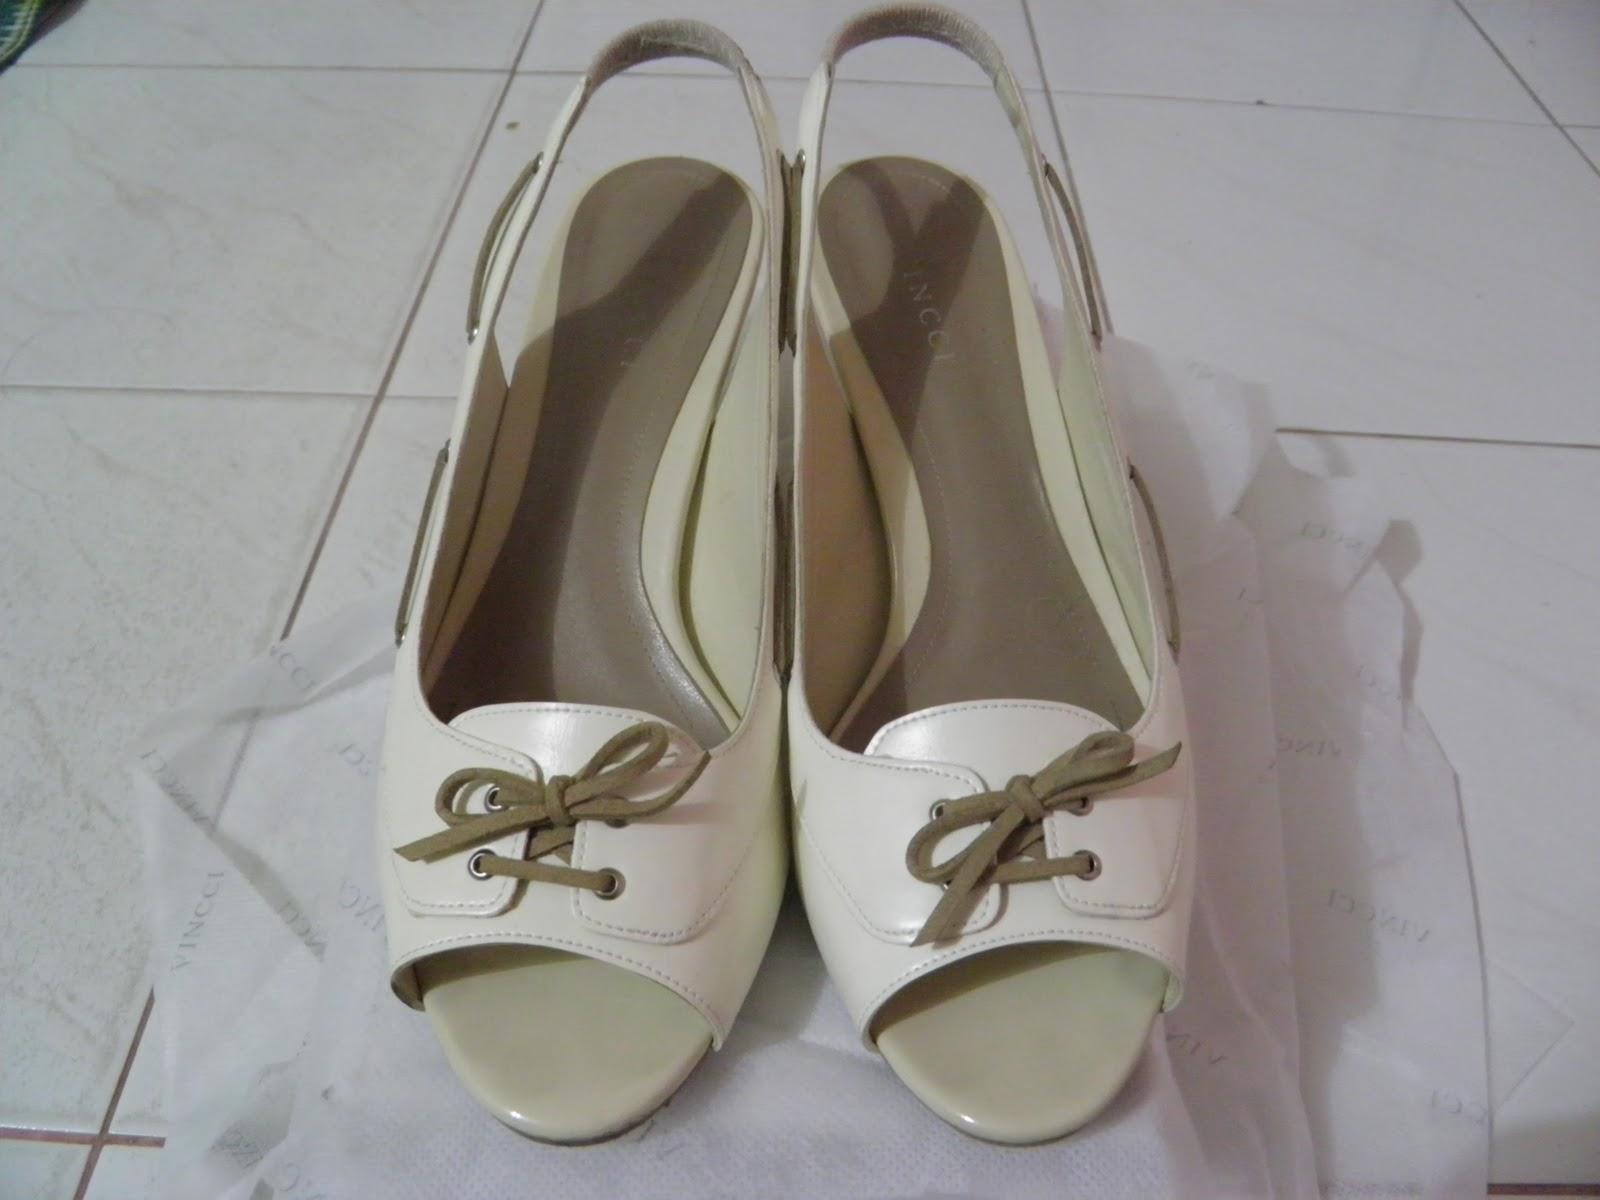 Vincci Shoes Uk